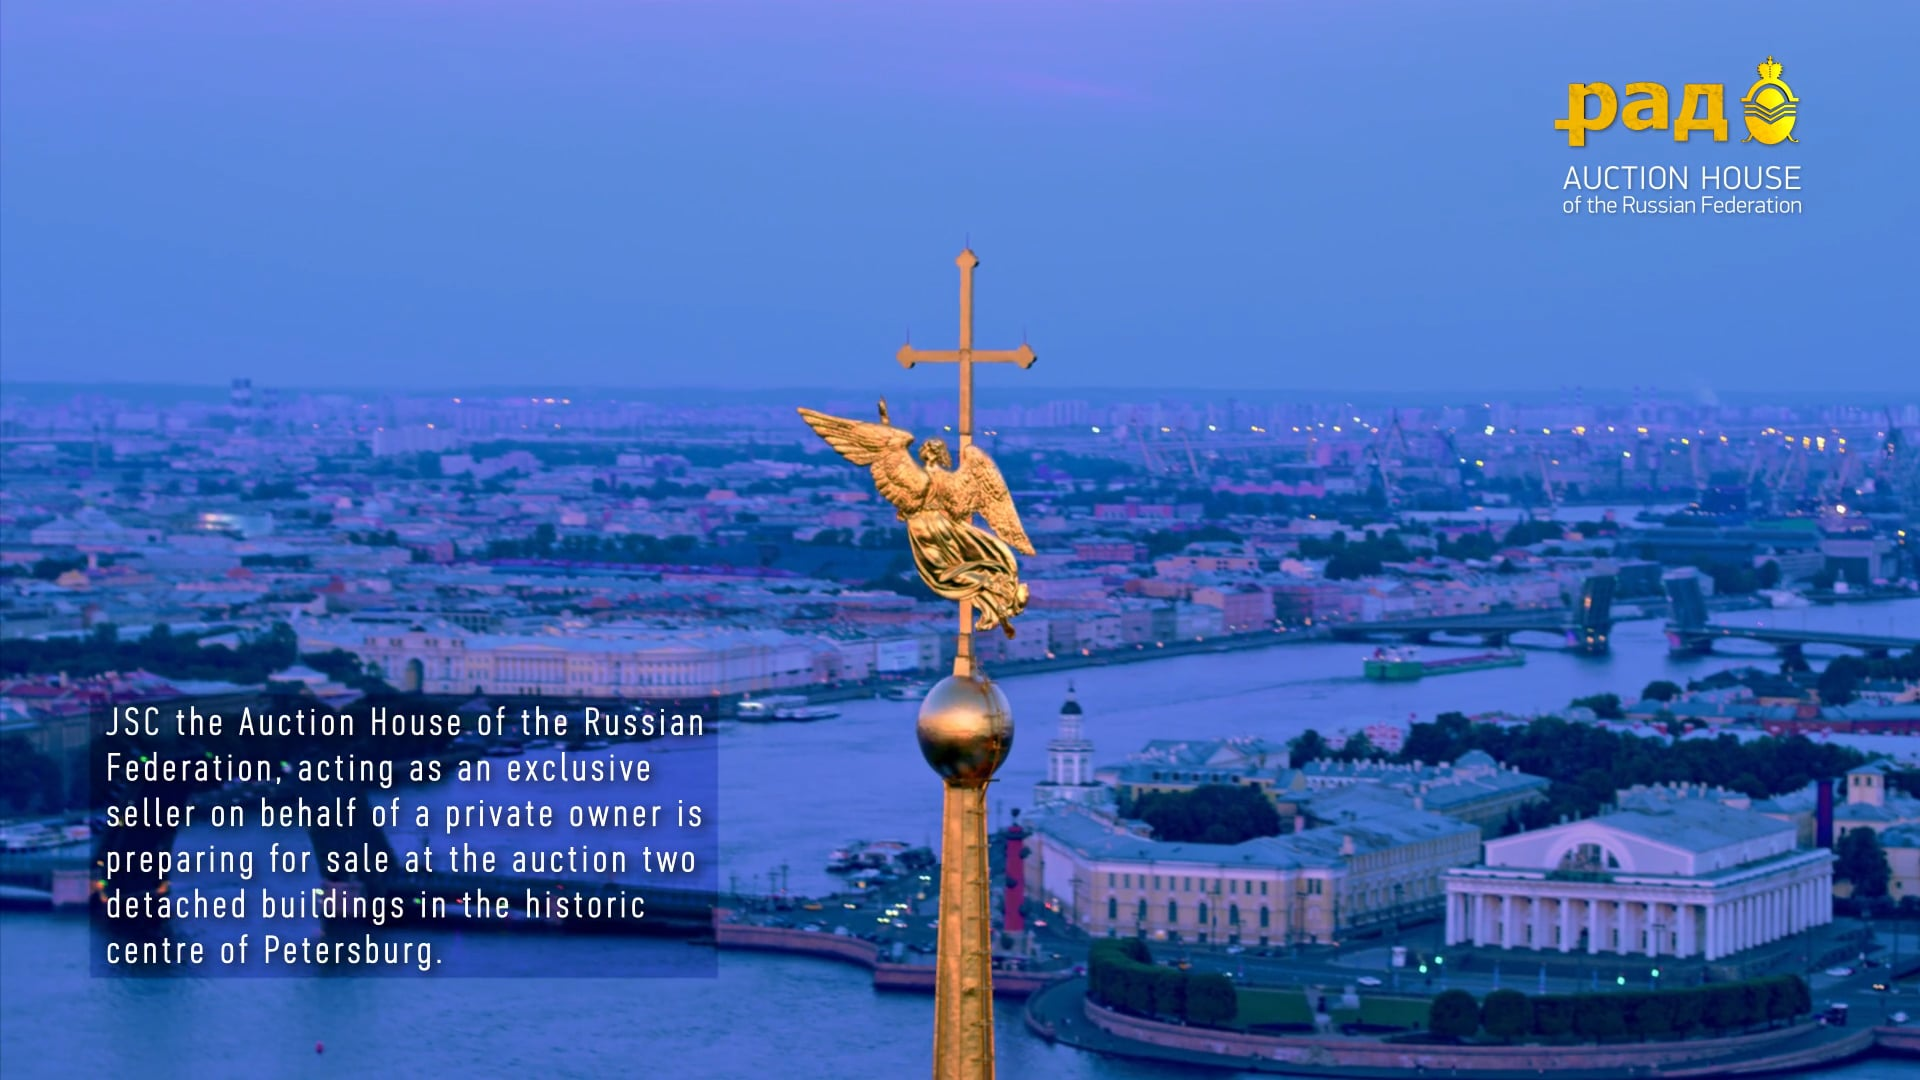 Российский Аукционный Дом - Миллионная улица 2019